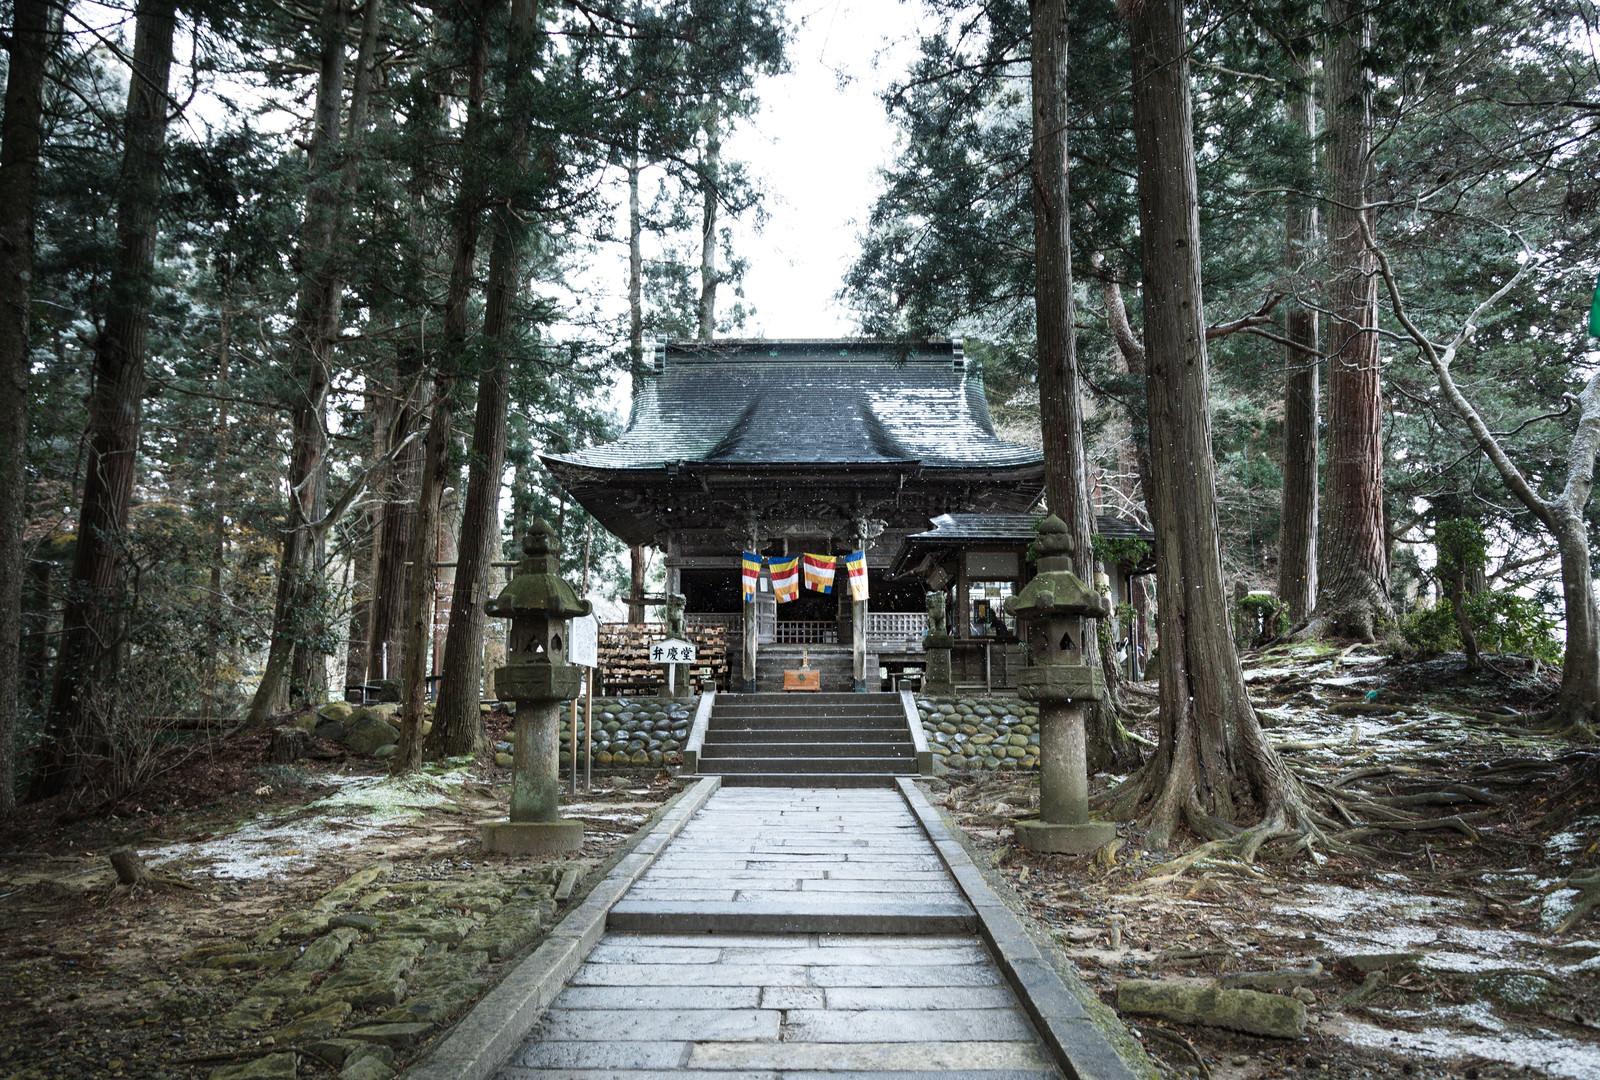 「雪が舞う平泉中尊寺 弁慶堂」の写真